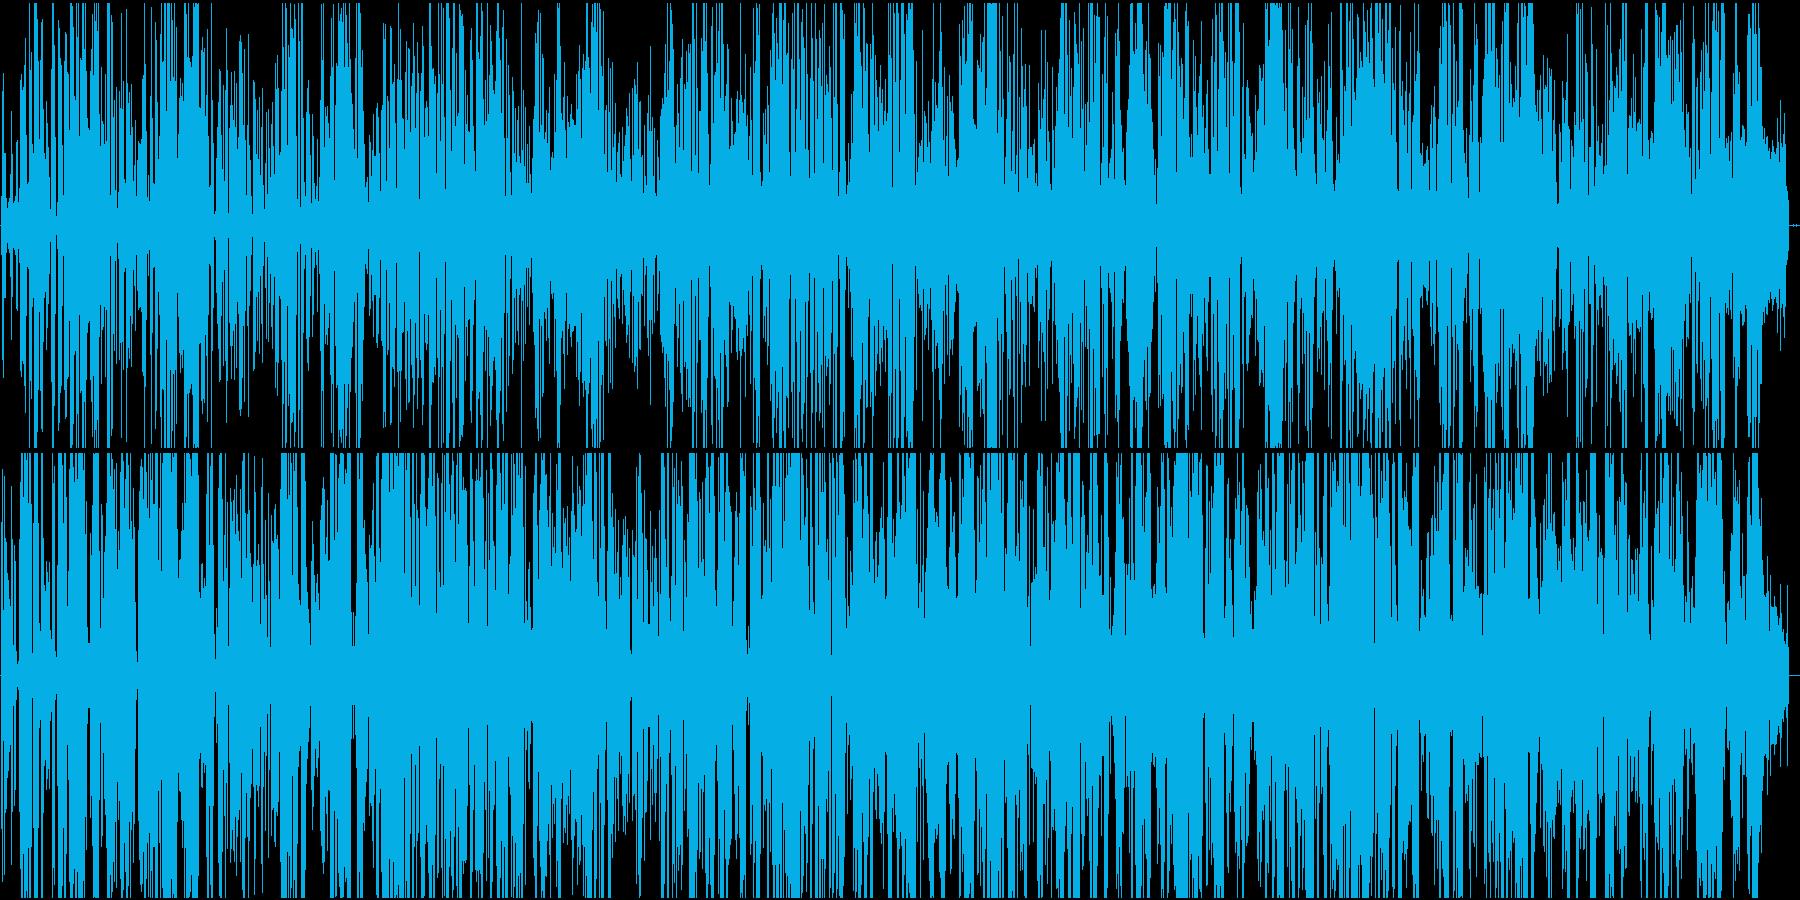 宇宙人が話をしている様なBGMですの再生済みの波形